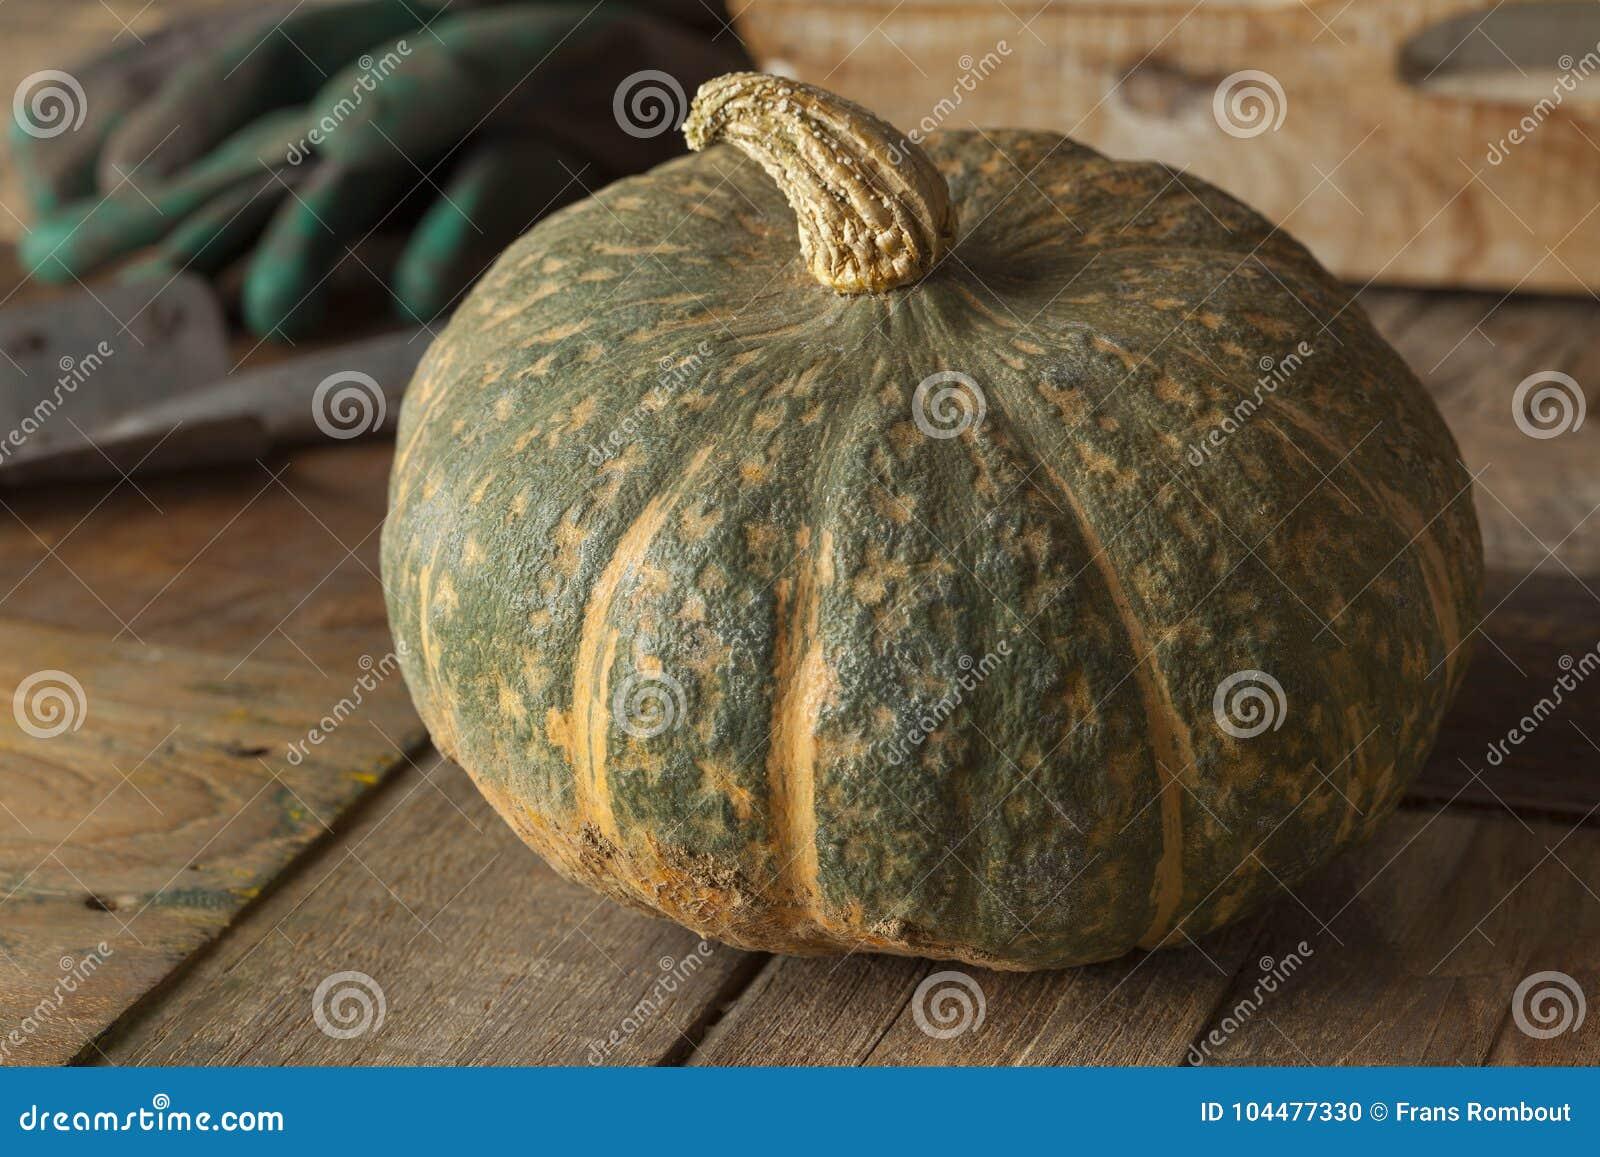 Fresh picked pumpkin Courge Delica Moretti